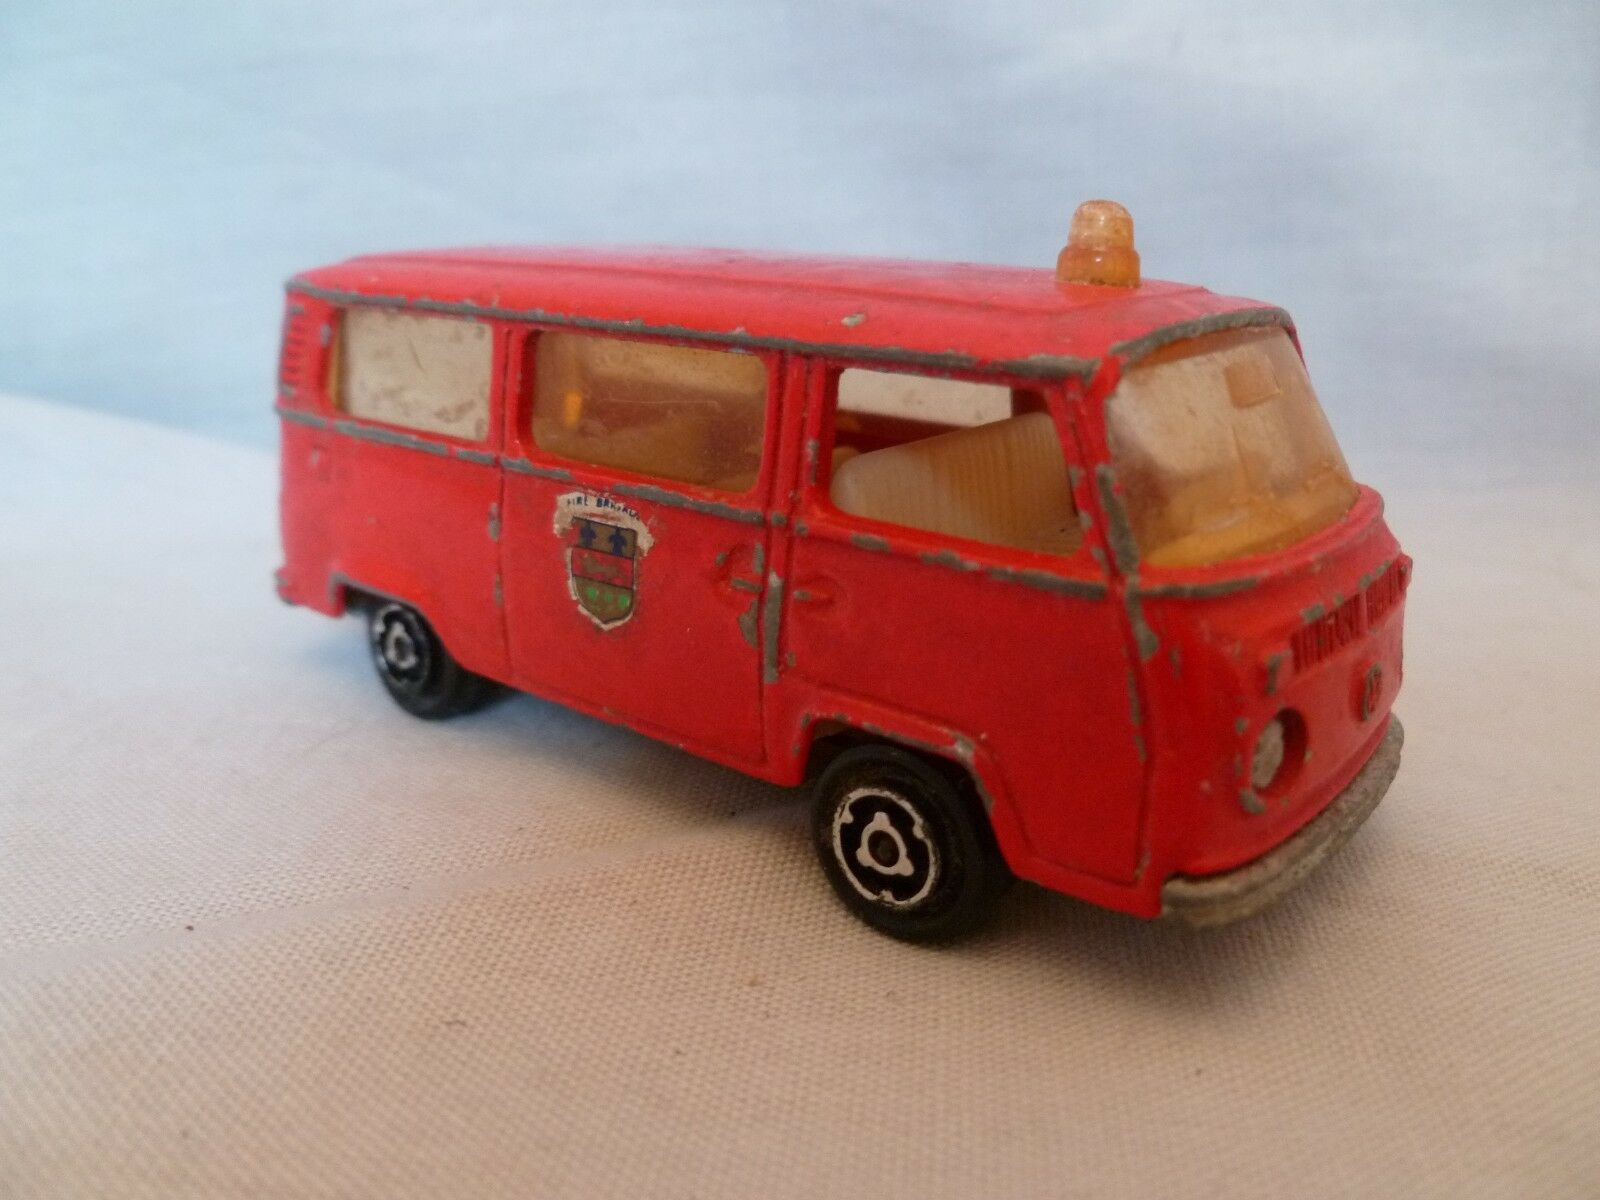 AI698 MAJORETTE FOURGON VW VW VW VOLKSWAGEN POMPIER 1 60 REF 244 MANQUE HAYON ARRIERE eb4579